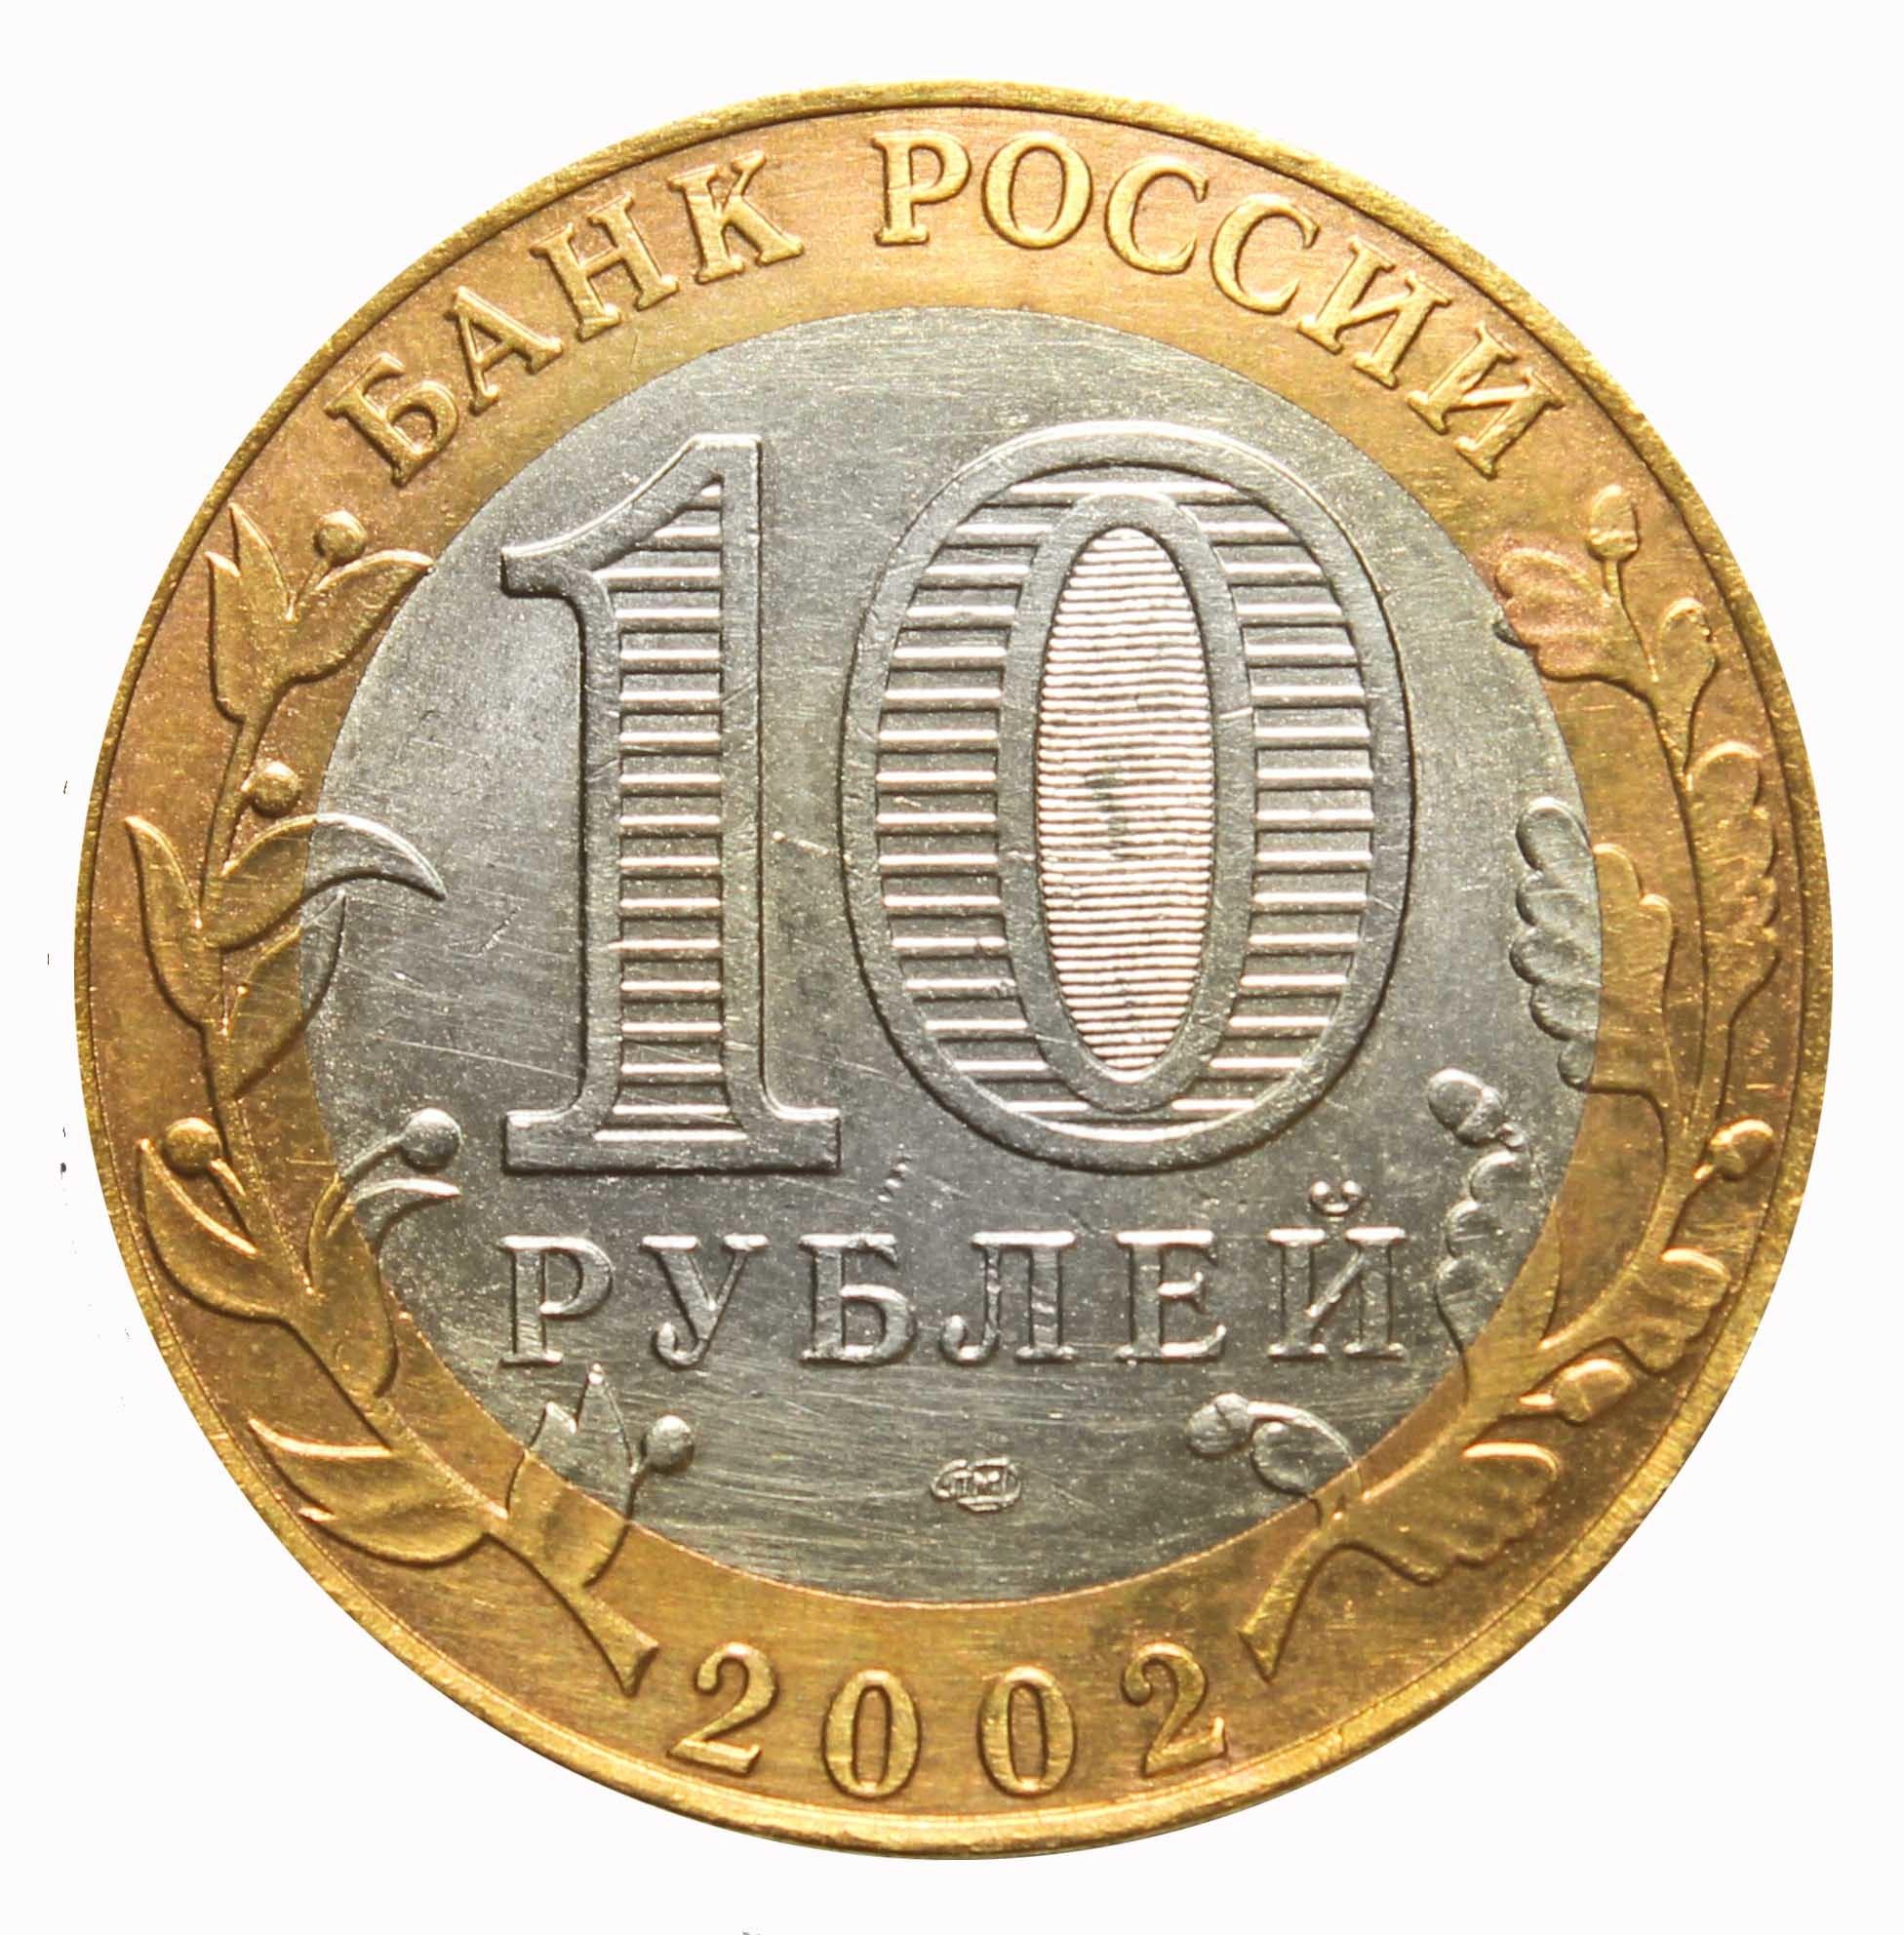 10 рублей Старая Русса 2002 г.  (биметалл)